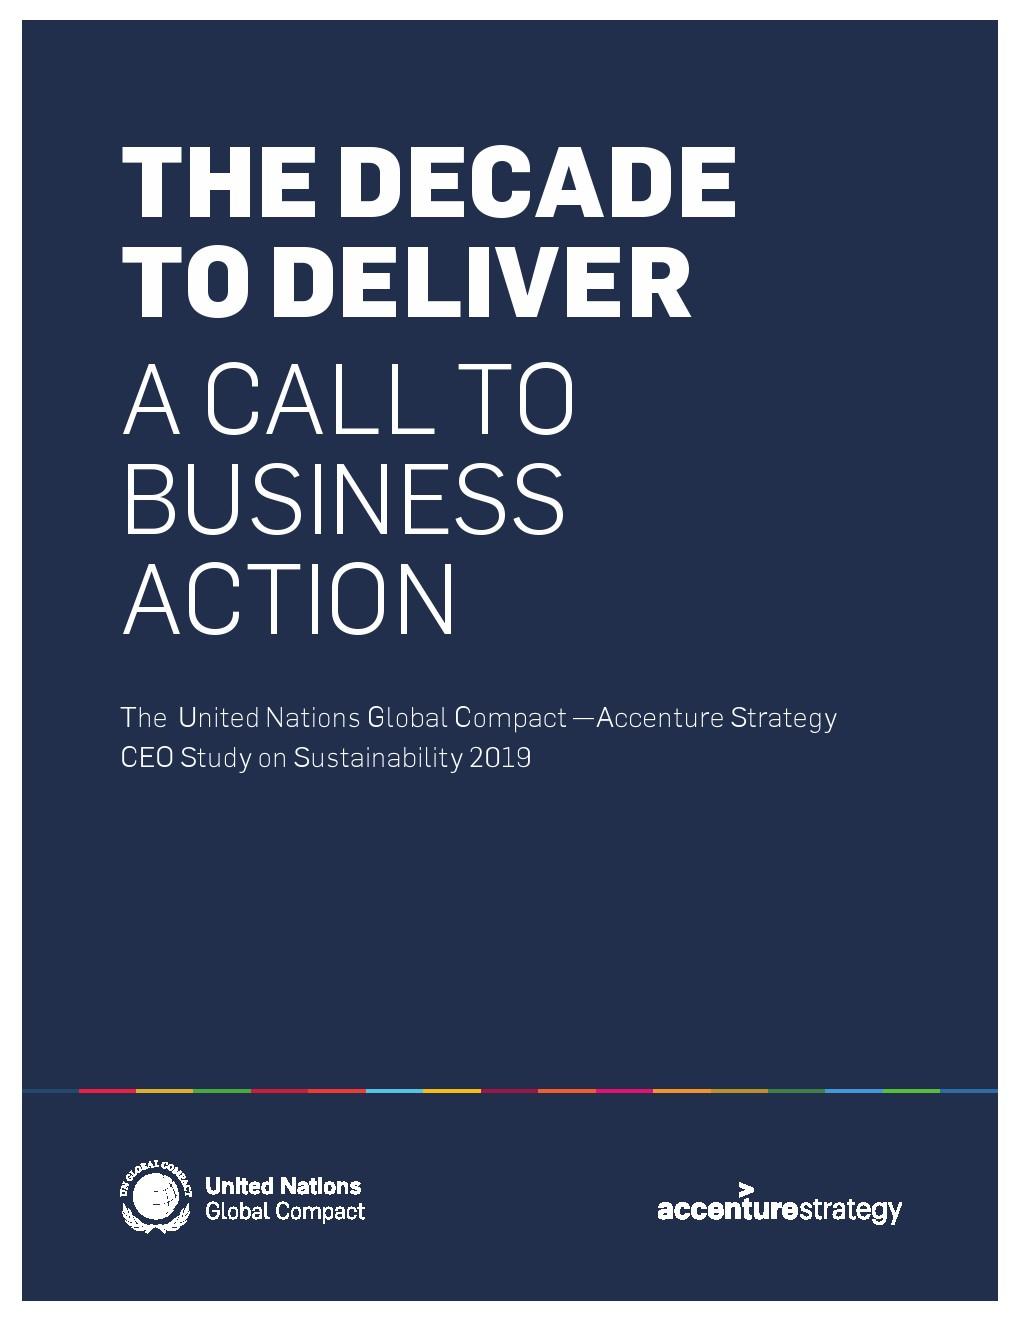 十年努力:CEO可持续发展目标调查报告